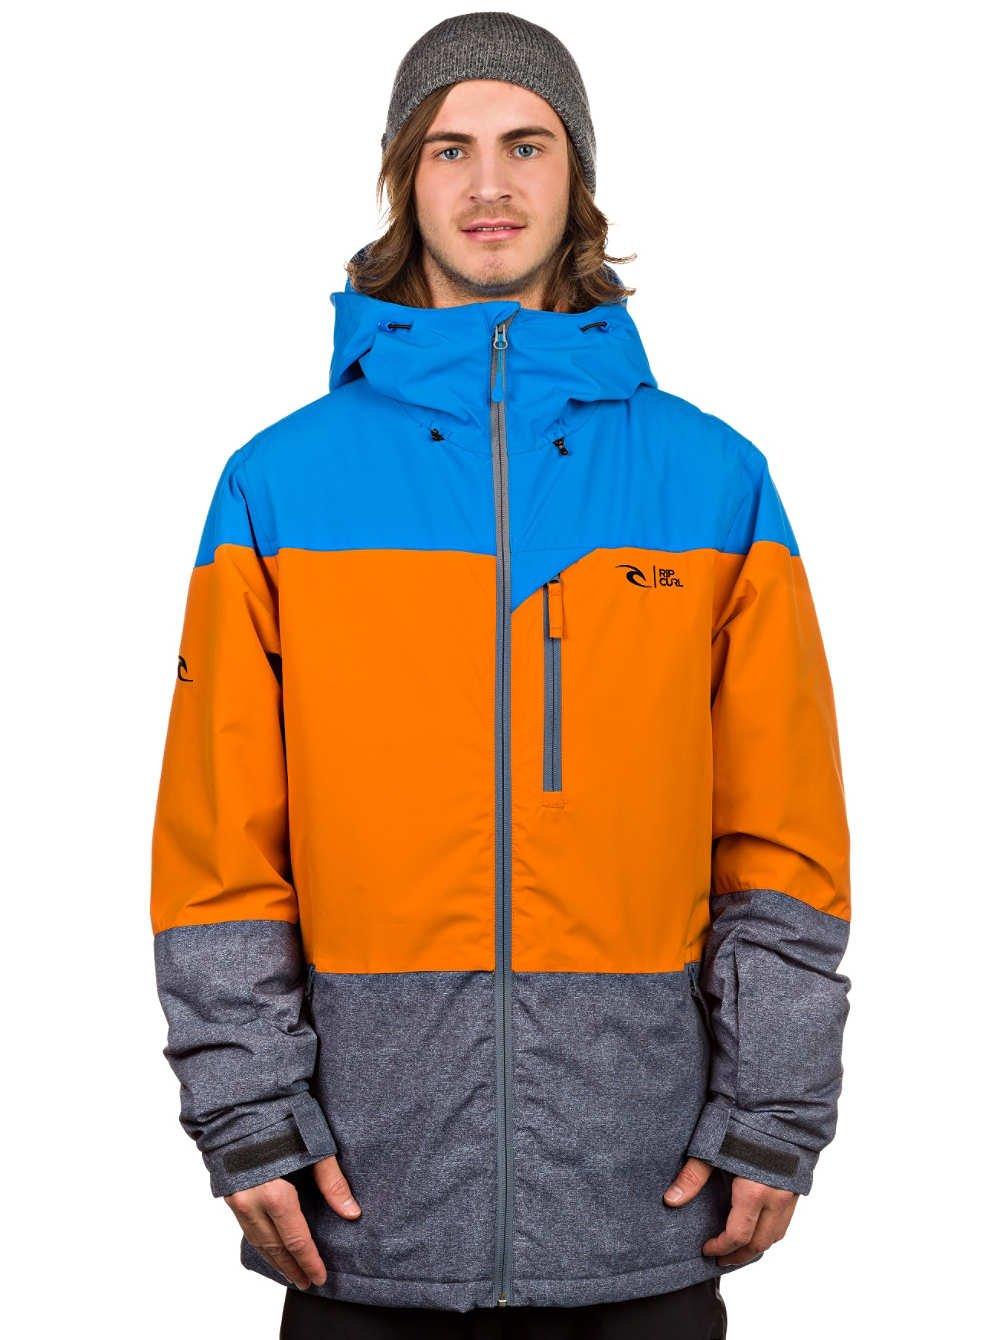 Rip Curl Enigma Printed Snow Jacket – Brilliant Blue günstig online kaufen